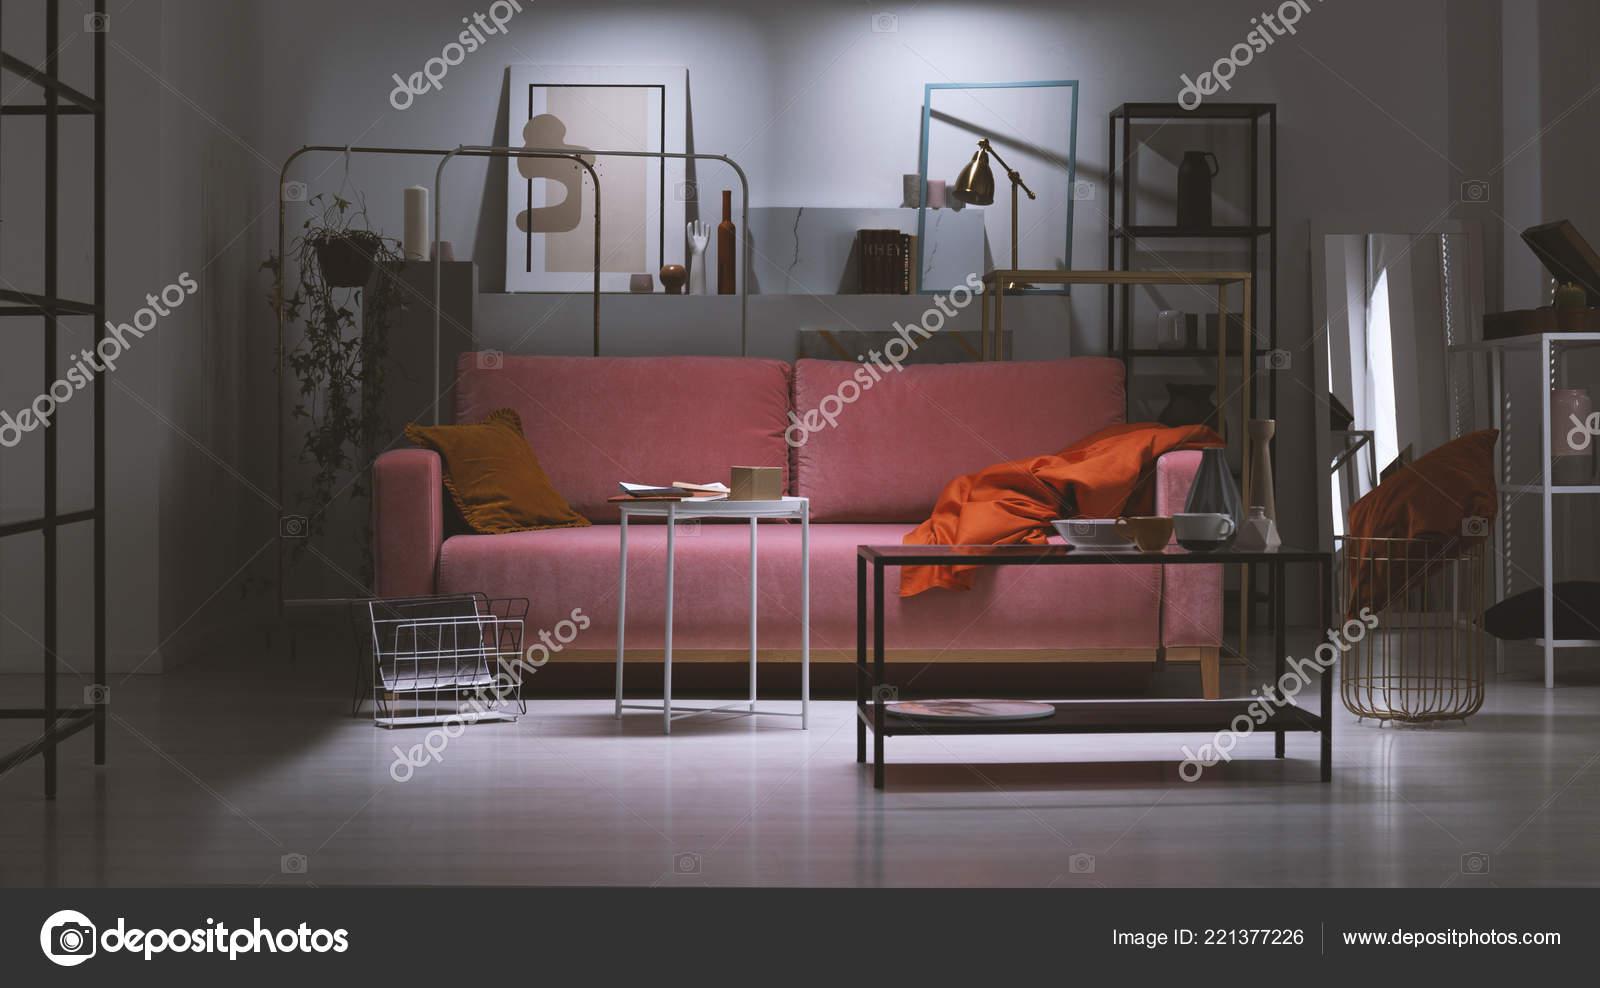 Divano Rosa Cipria : Vista notte del divano rosa cipria con cuscino arancione coperta